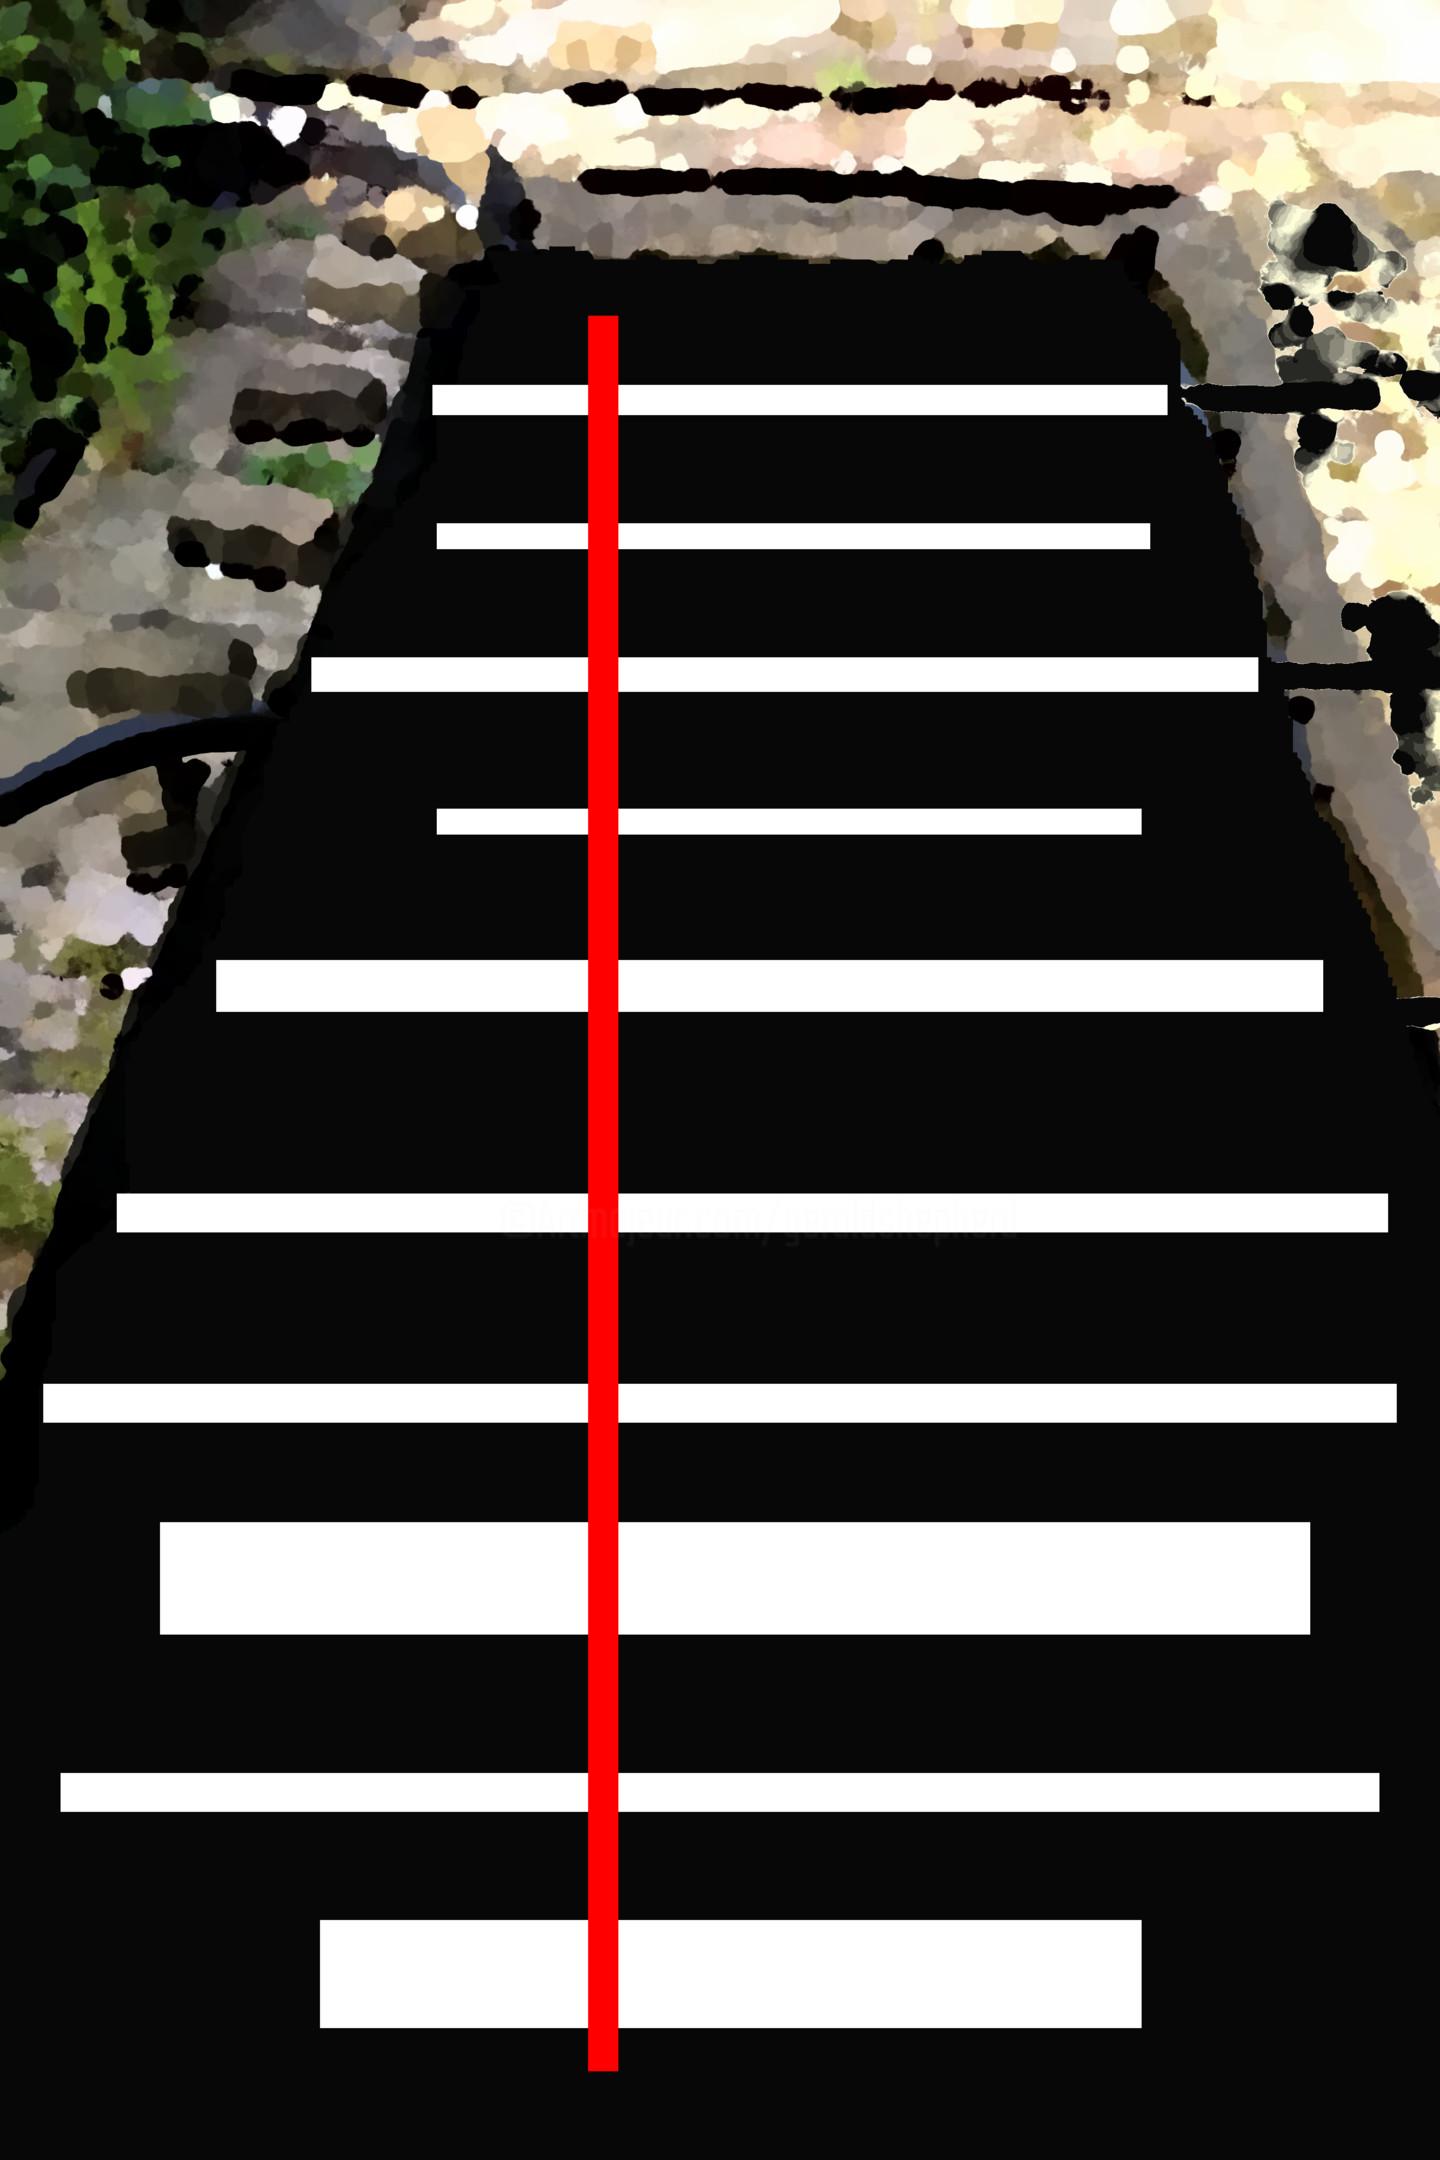 Gerald Shepherd - One Red Line Over Ten White Ones